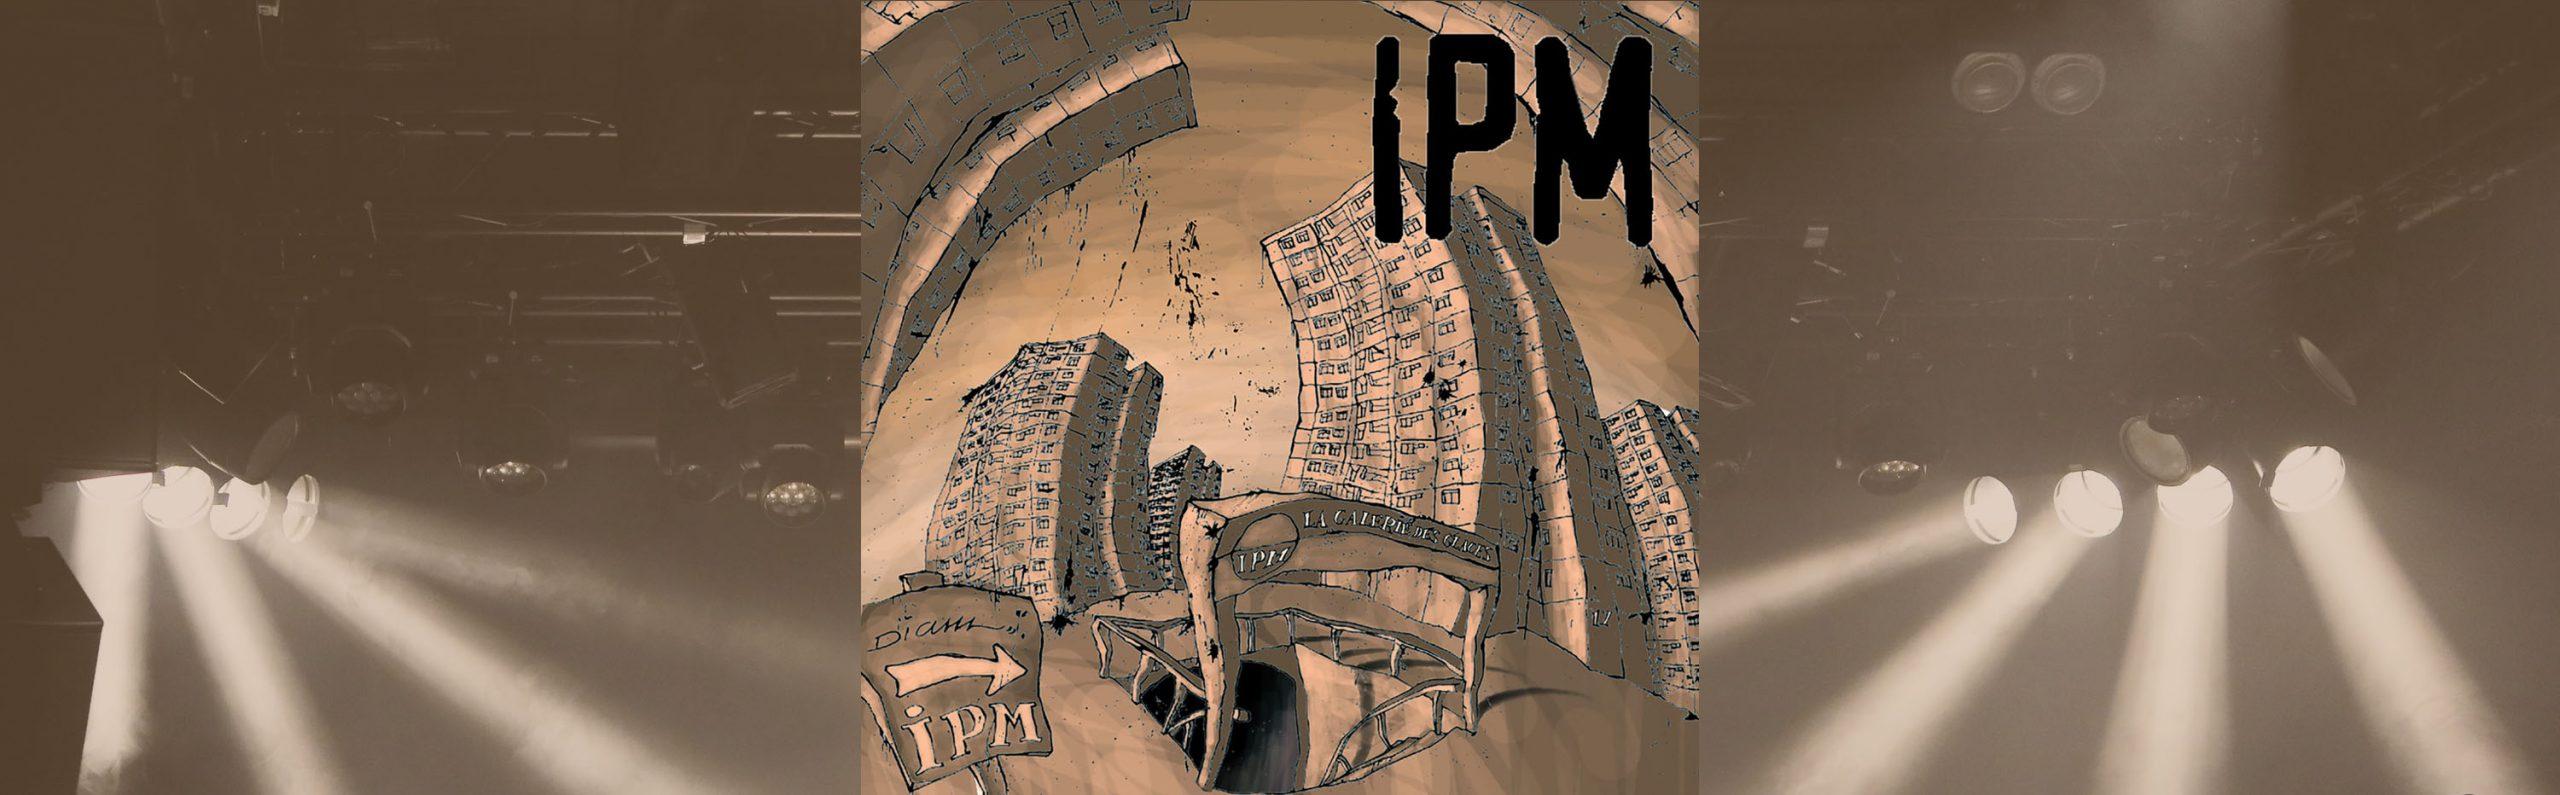 LHH-bandeau-IPM